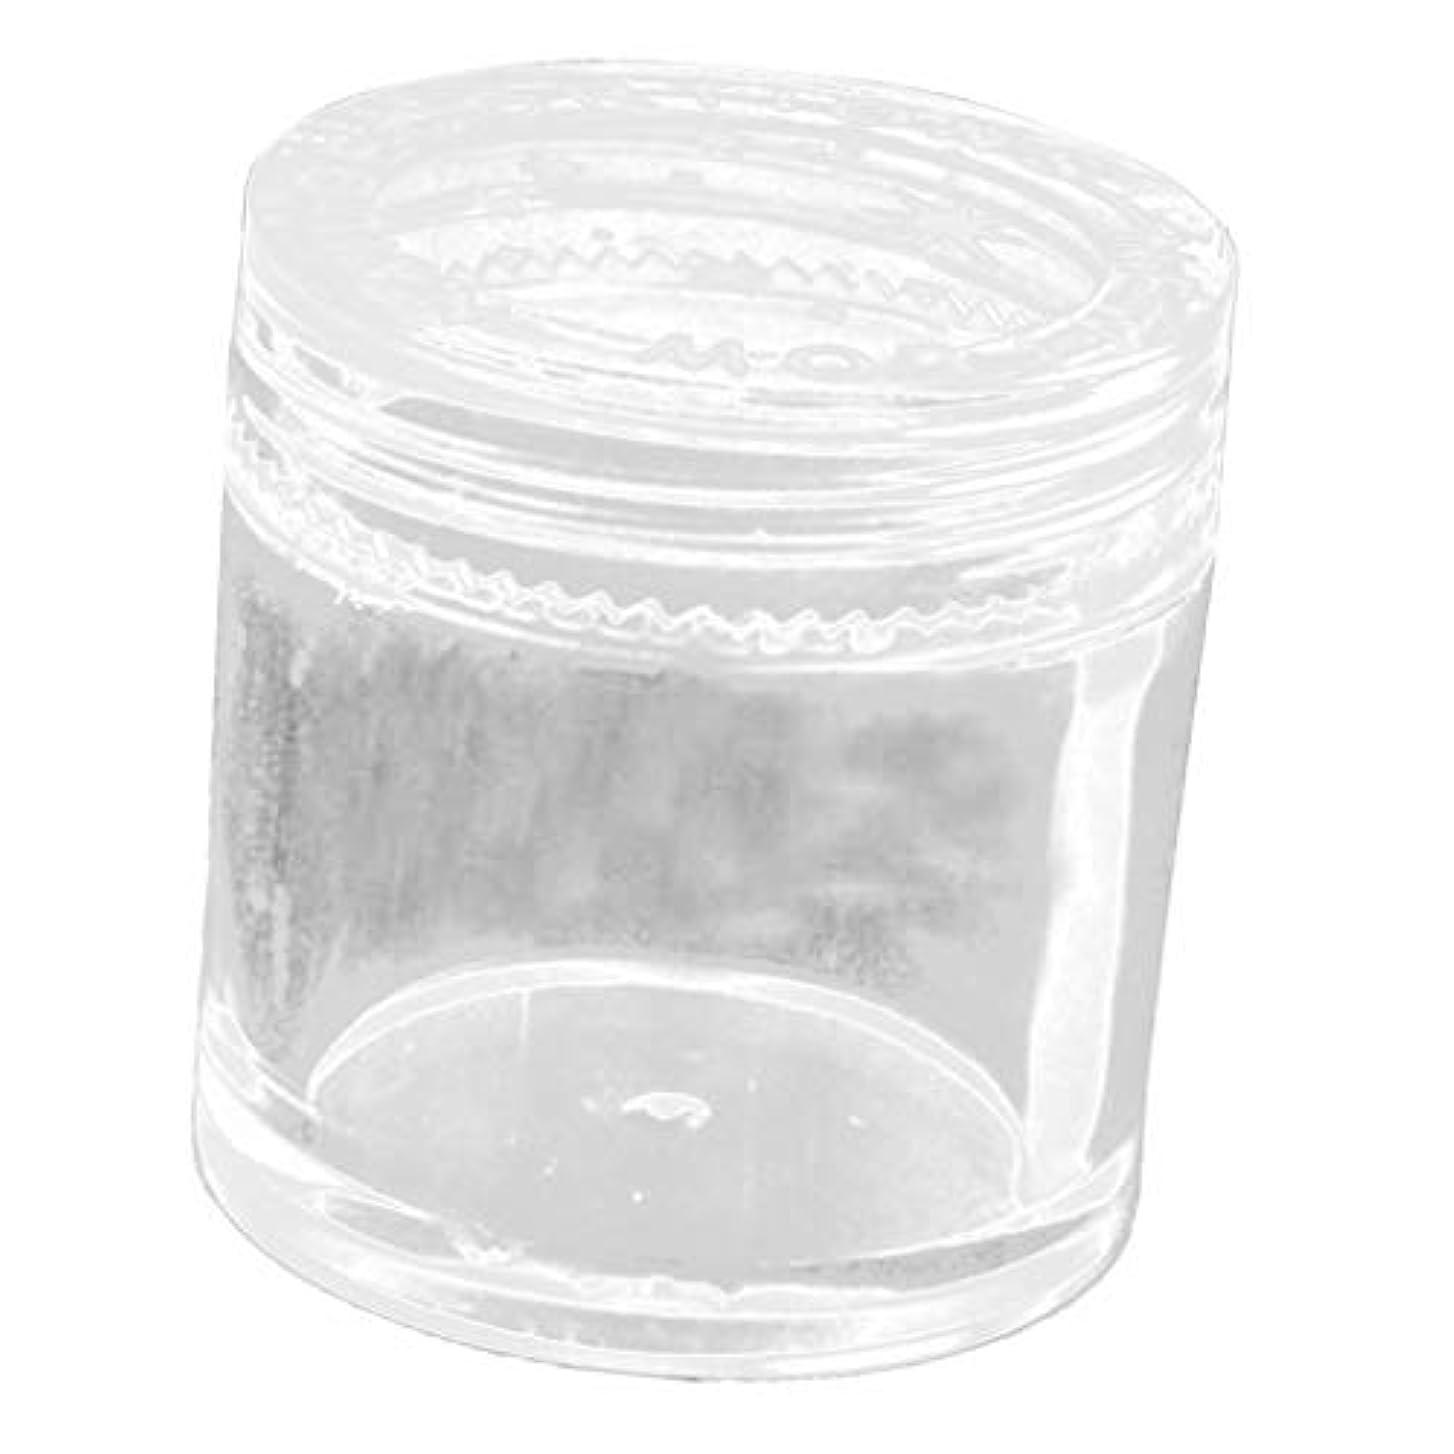 せがむ年金本物DYNWAVE ネイルアートケース ジュエリーボックス 小物入れ 収納瓶 工芸品 ビーズ 宝石 収納ボックス 透明